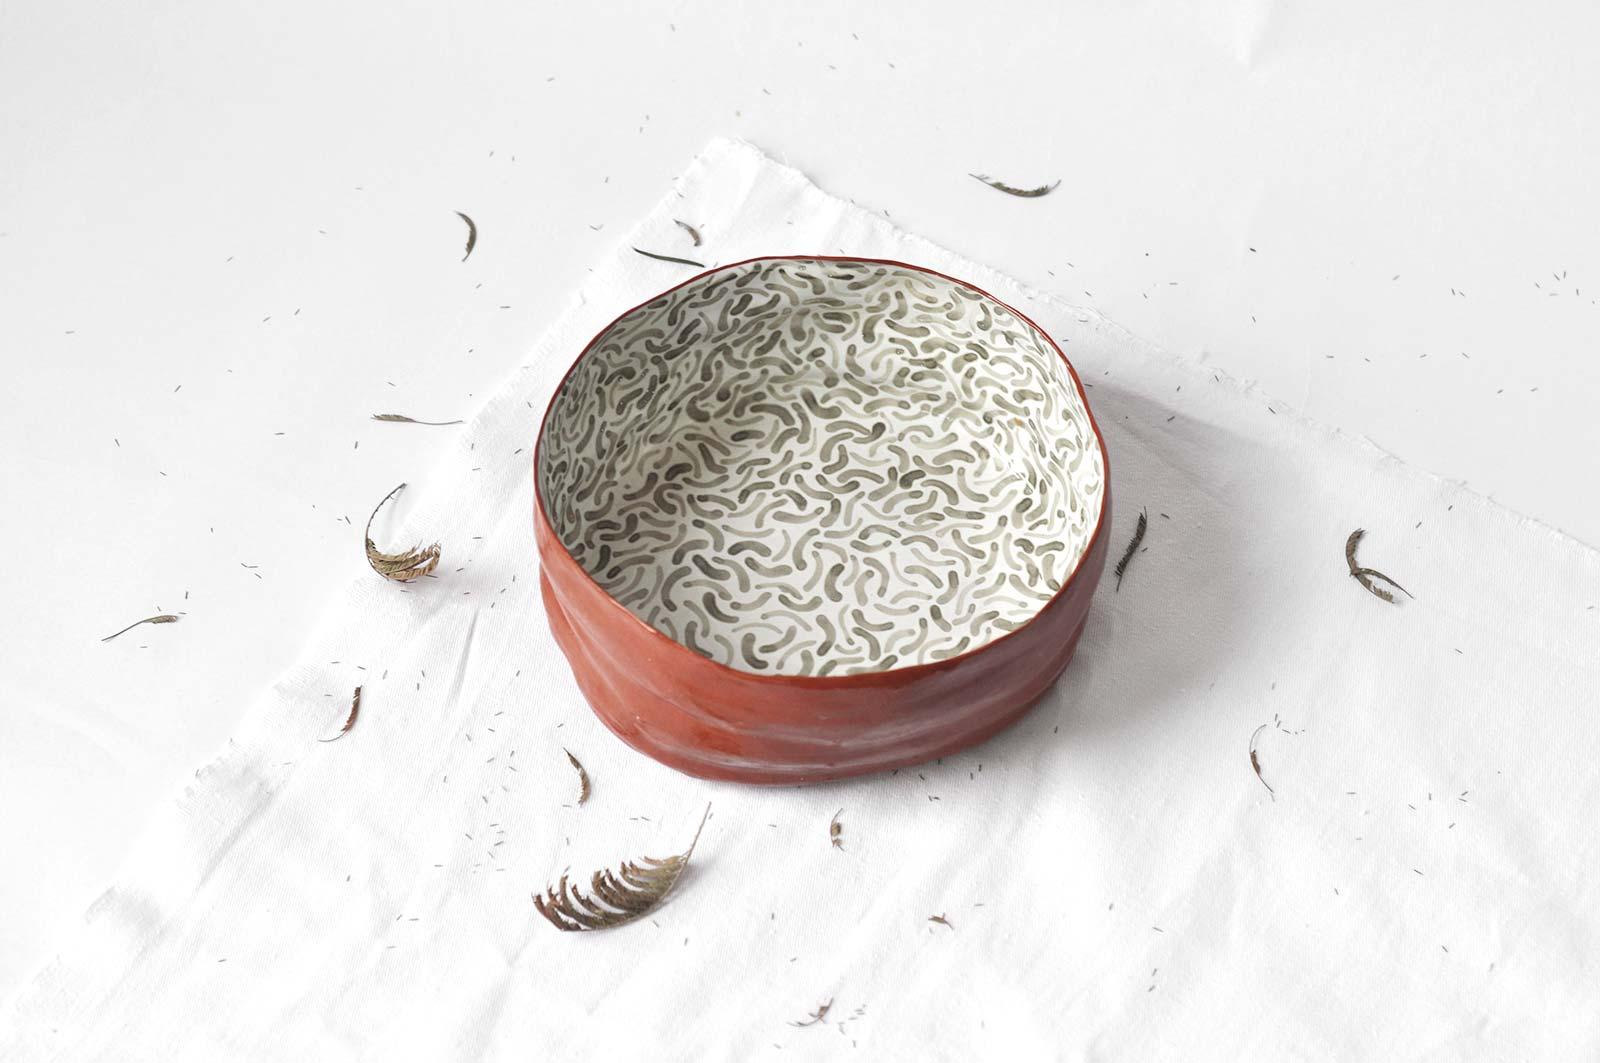 Вид сбоку - Большая глубокая тарелка из из керамики (Ручная работа)